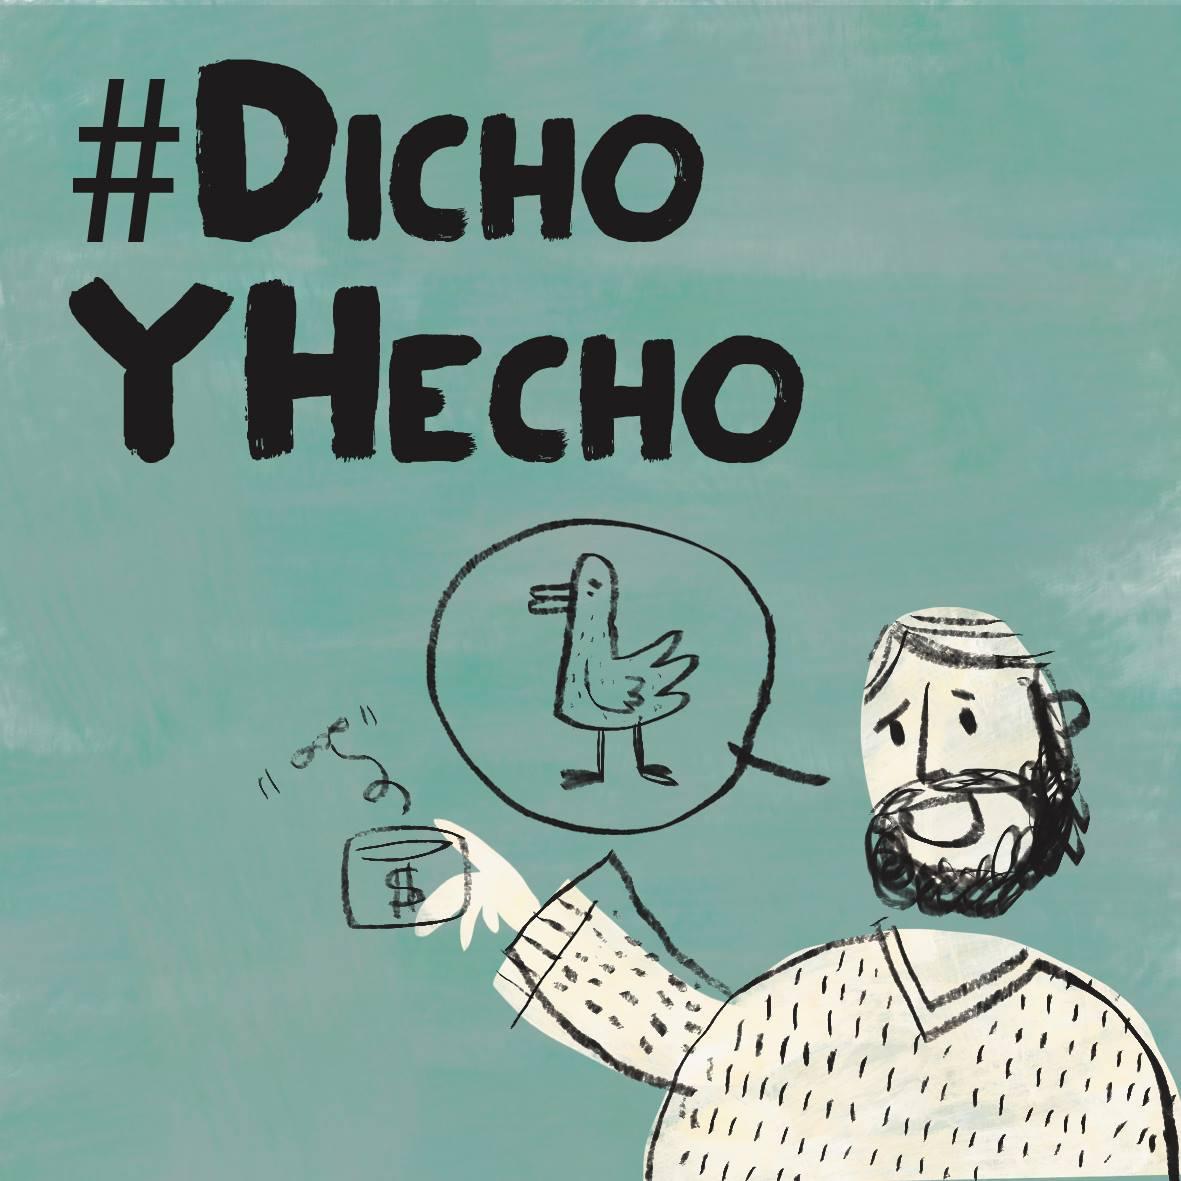 Lista De Dichos Populares De Chile Mundo Del Folclore